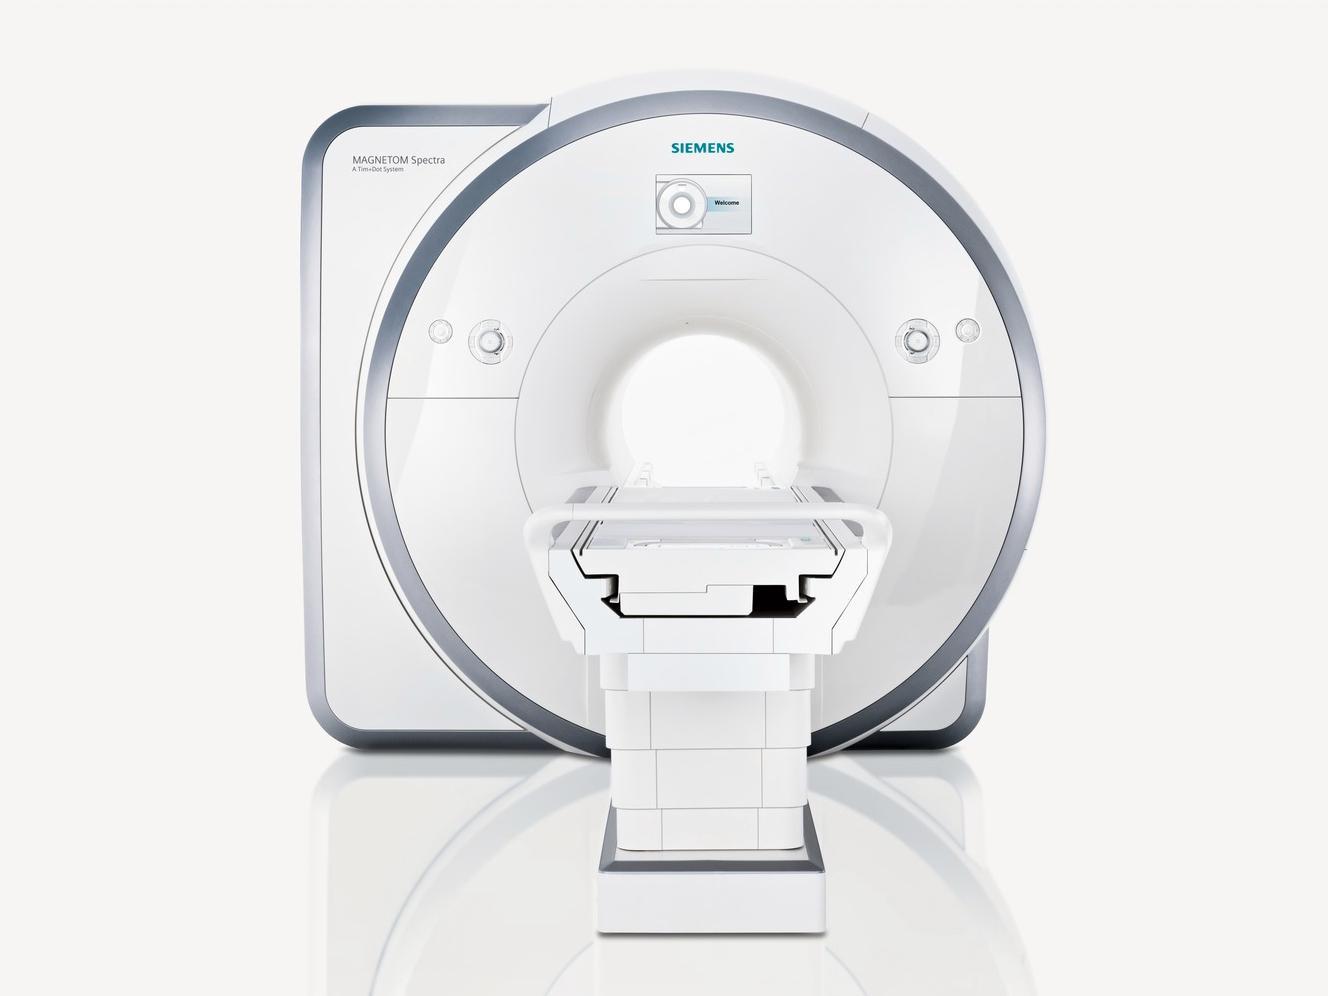 磁共振检查哪些部位?